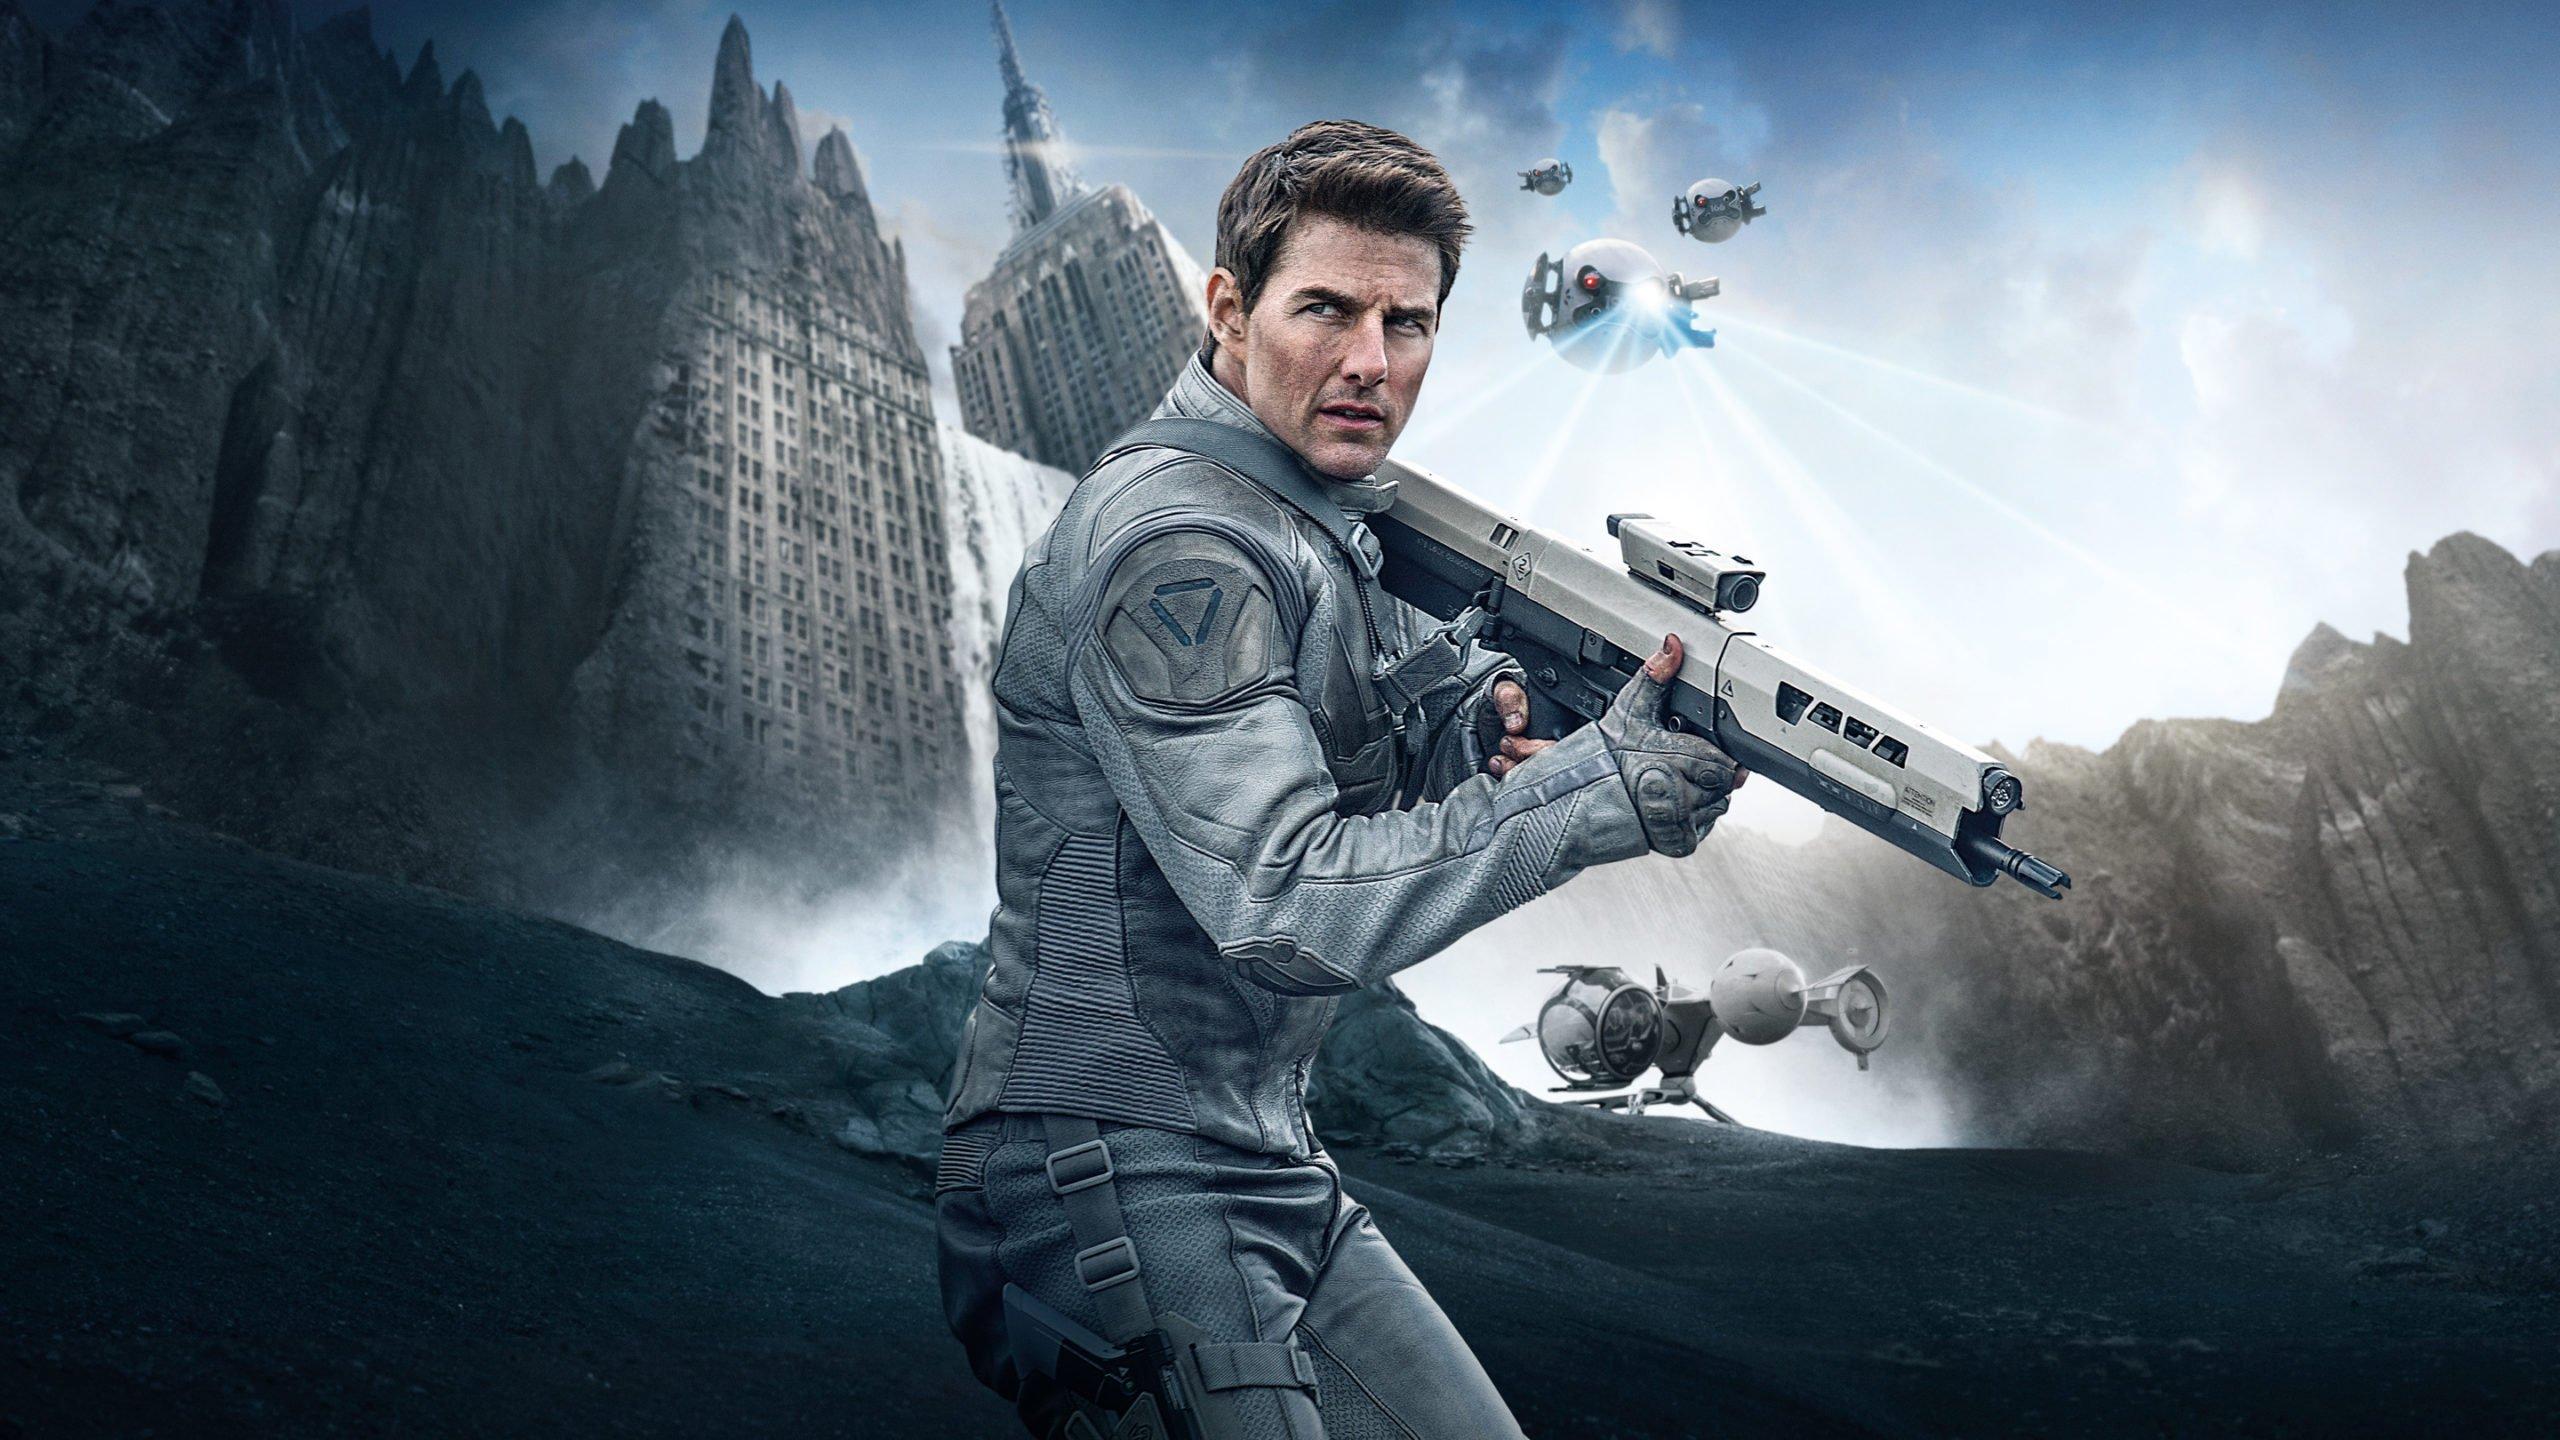 Jack Harper (Tom Cruise) - Oblivion